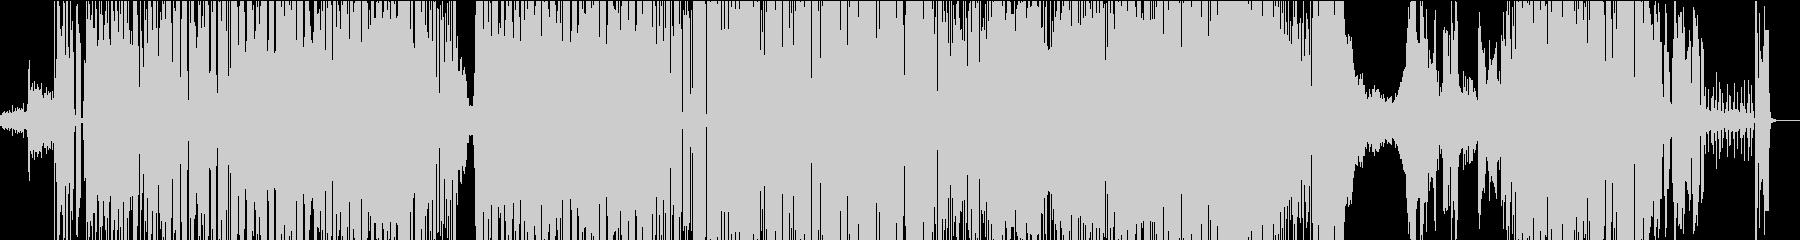 海の底のようなBGMの未再生の波形